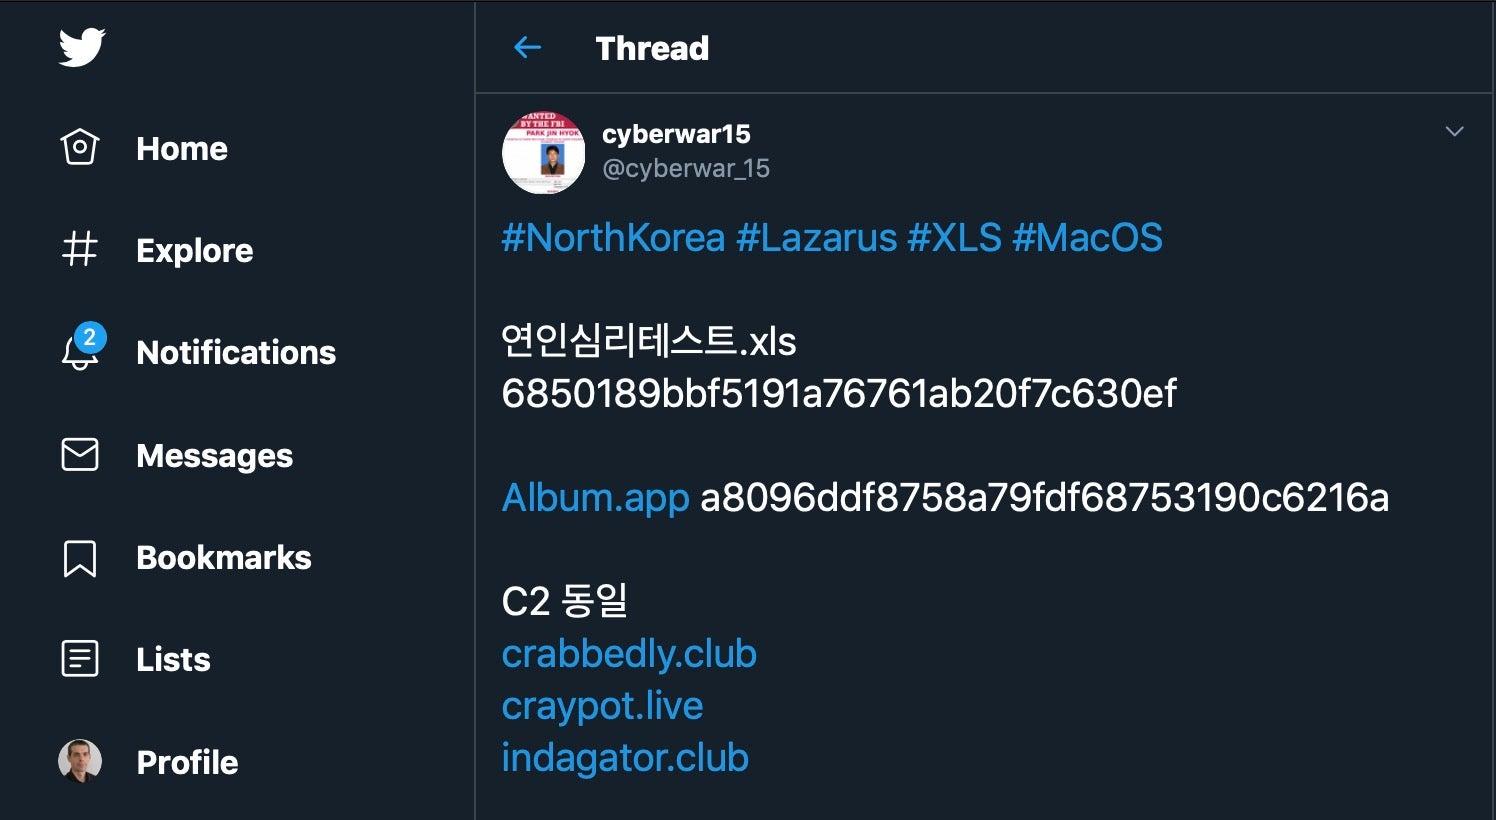 image of Lazarus Album tweet